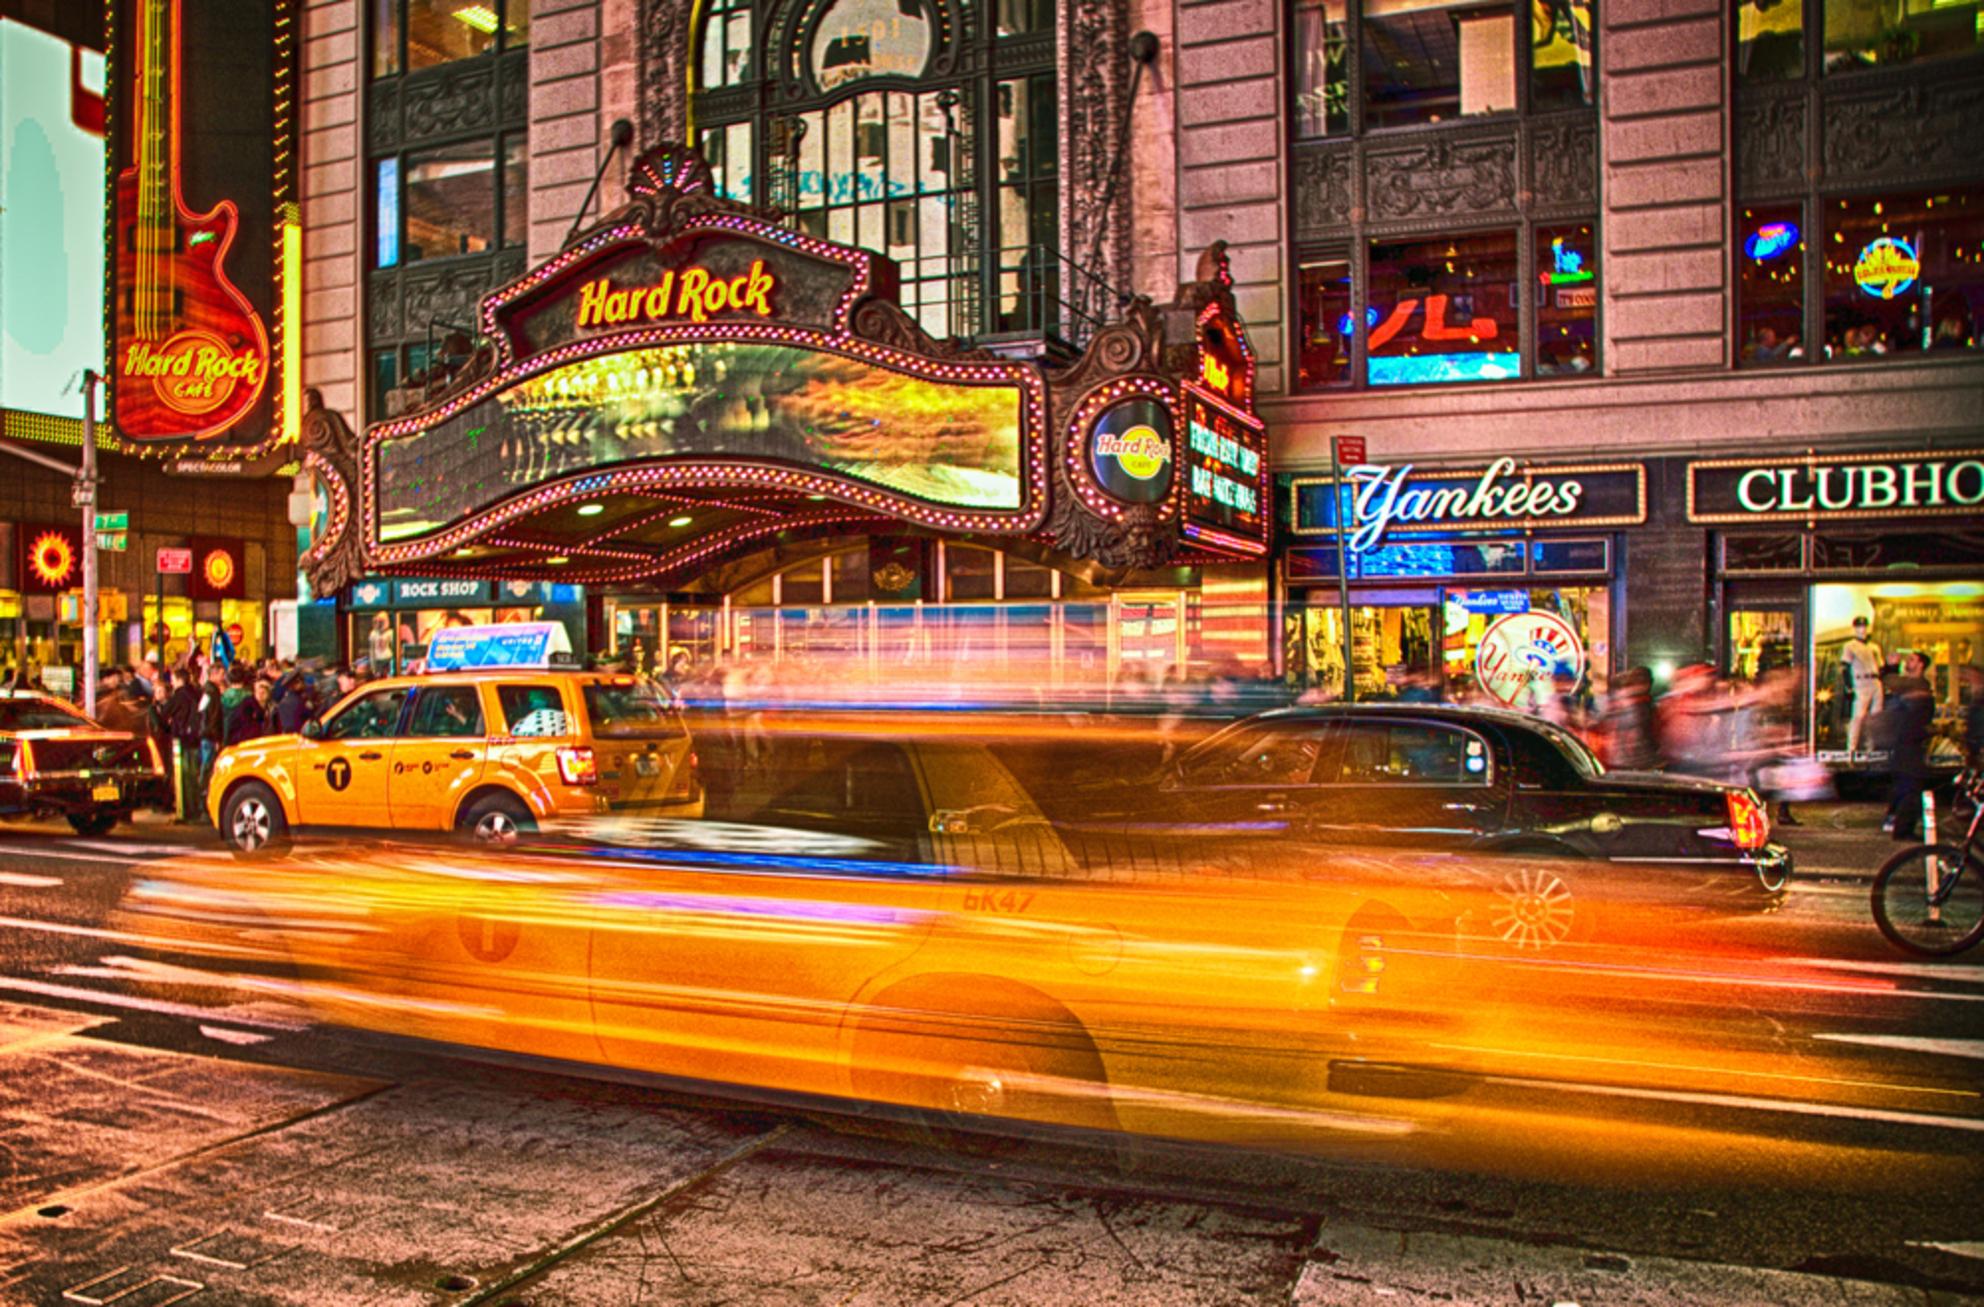 Times Square - Deze foto is gemaakt met een langere sluitertijd zonder flits in New York, Times Square. Daarna bewerkt in Photoshop. - foto door marscha_zoom op 14-09-2016 - deze foto bevat: straat, geel, avond, yellow, stad, newyork, cab, taxi, neon, manhattan, contrast, photoshop, hdr, metropool, timessquare